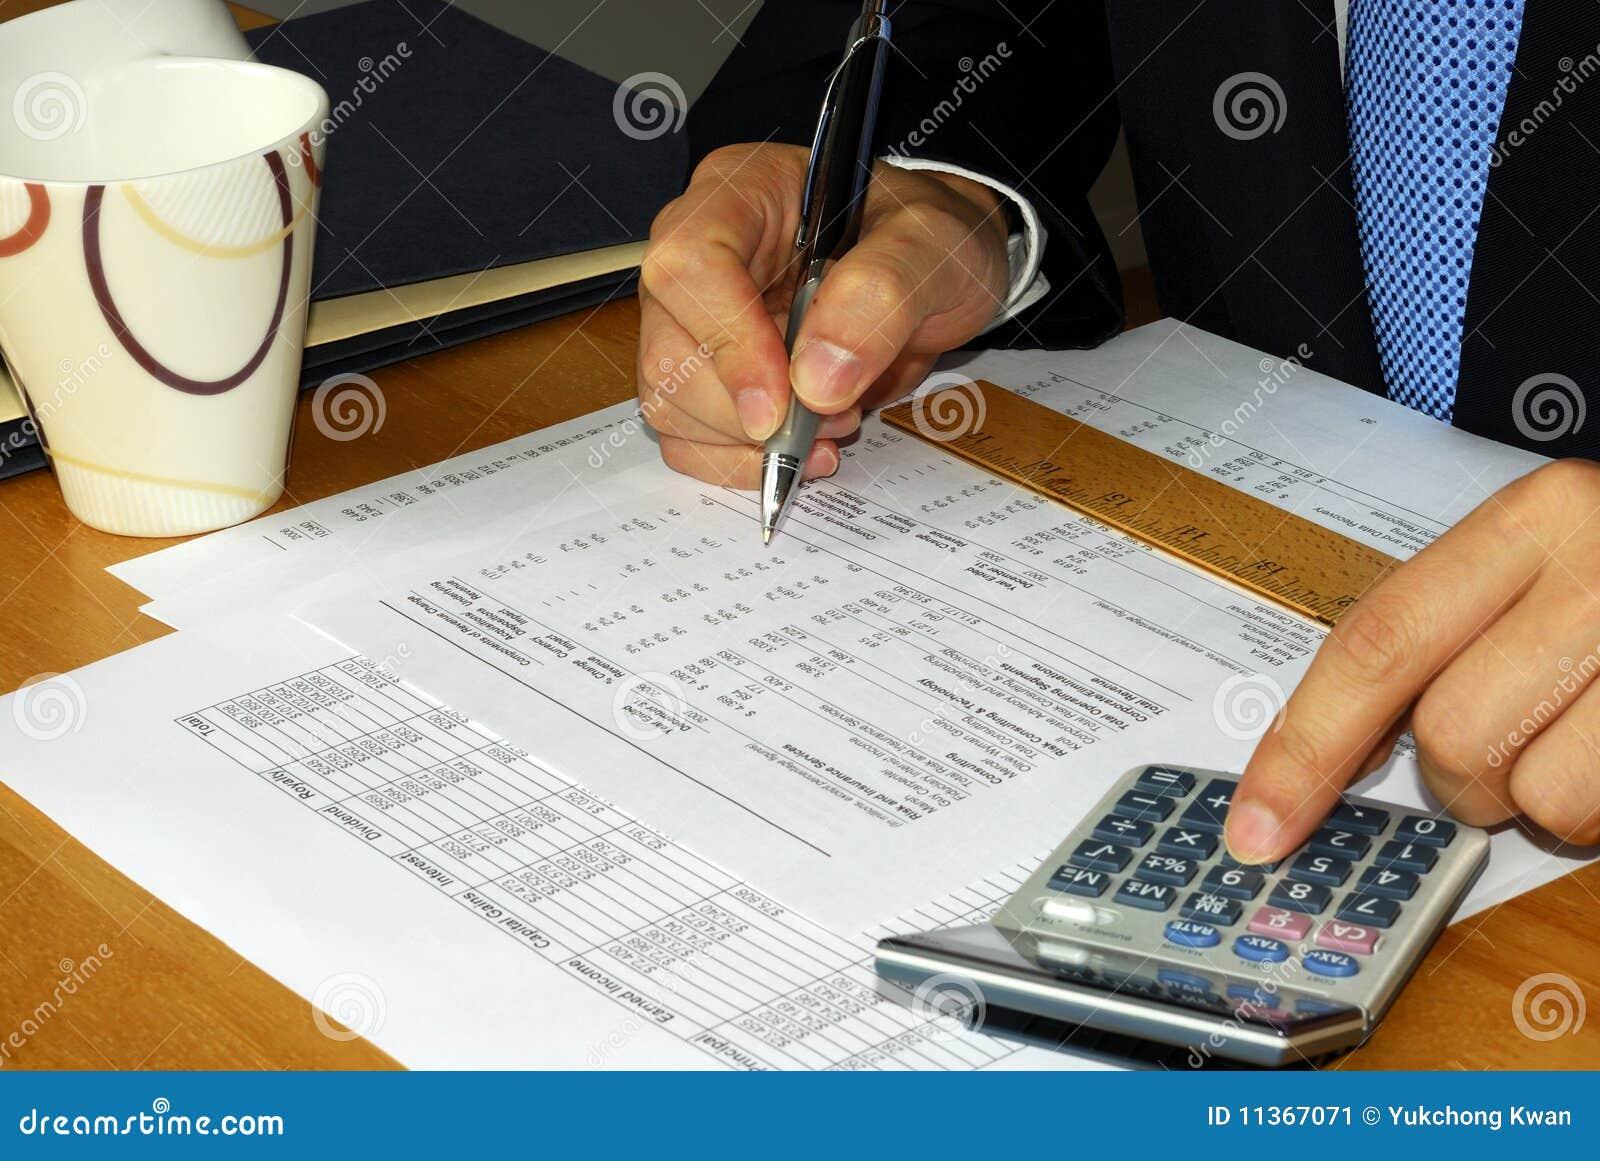 проверять финансовый отчет компании